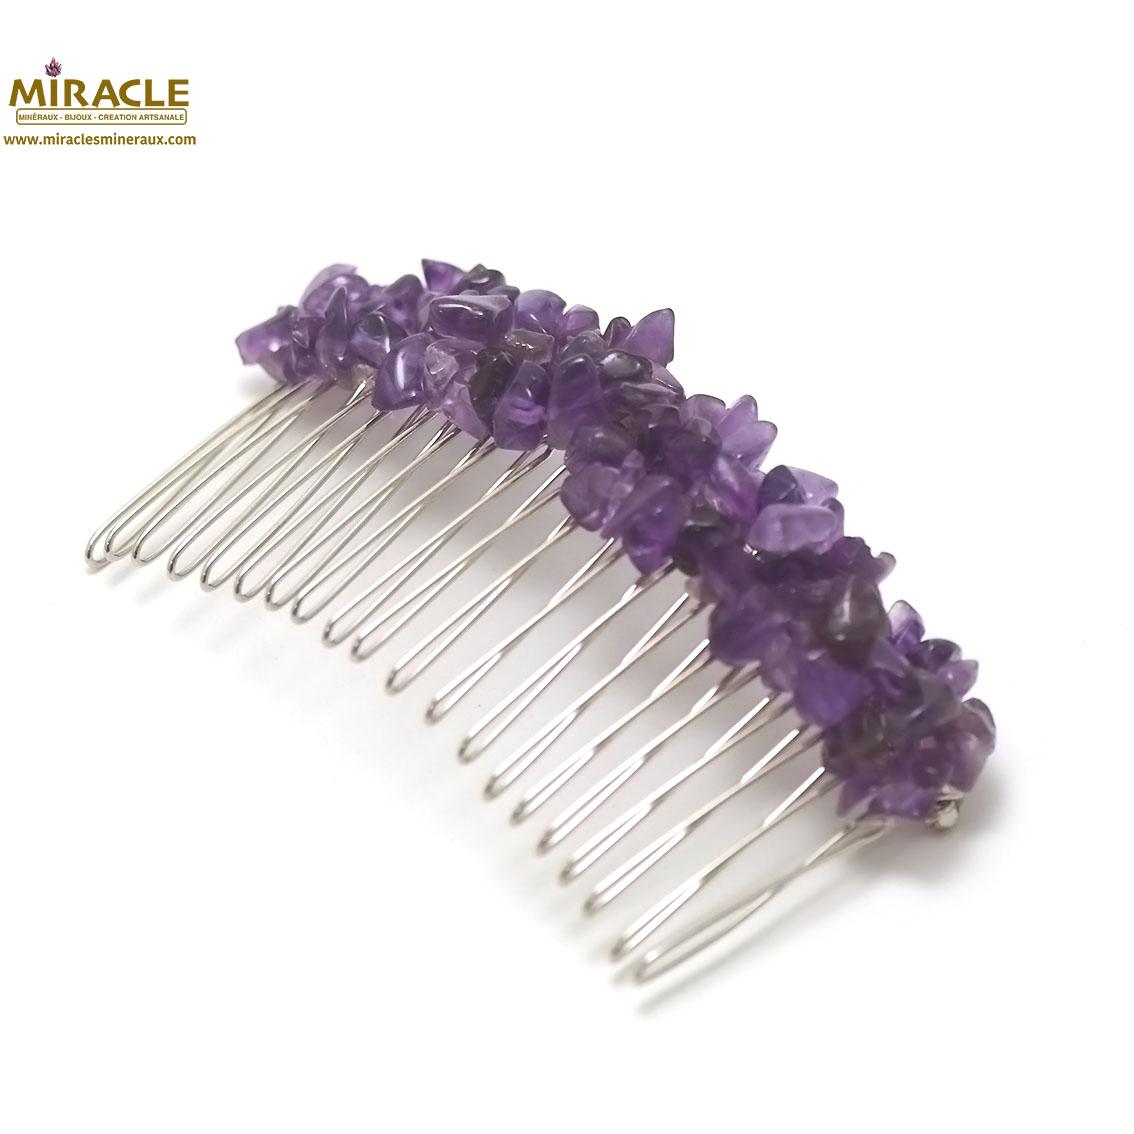 peigne pour cheveux création artisanale, améthyste